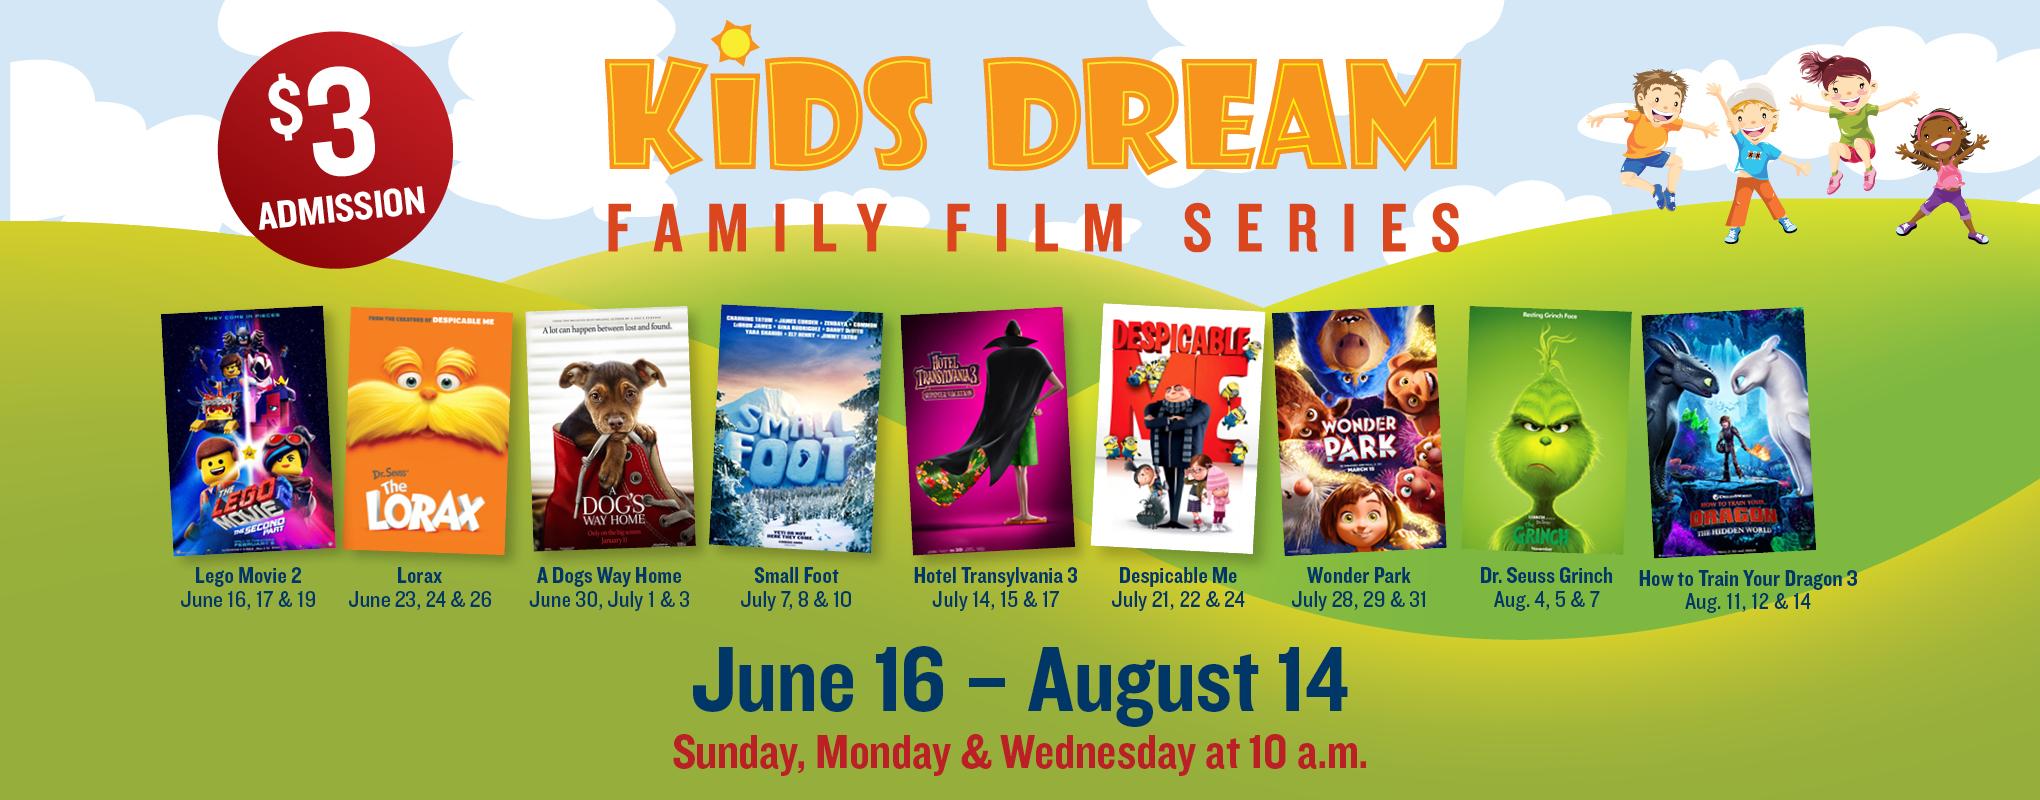 Kids Dream Summer Film Series - Movie Tavern